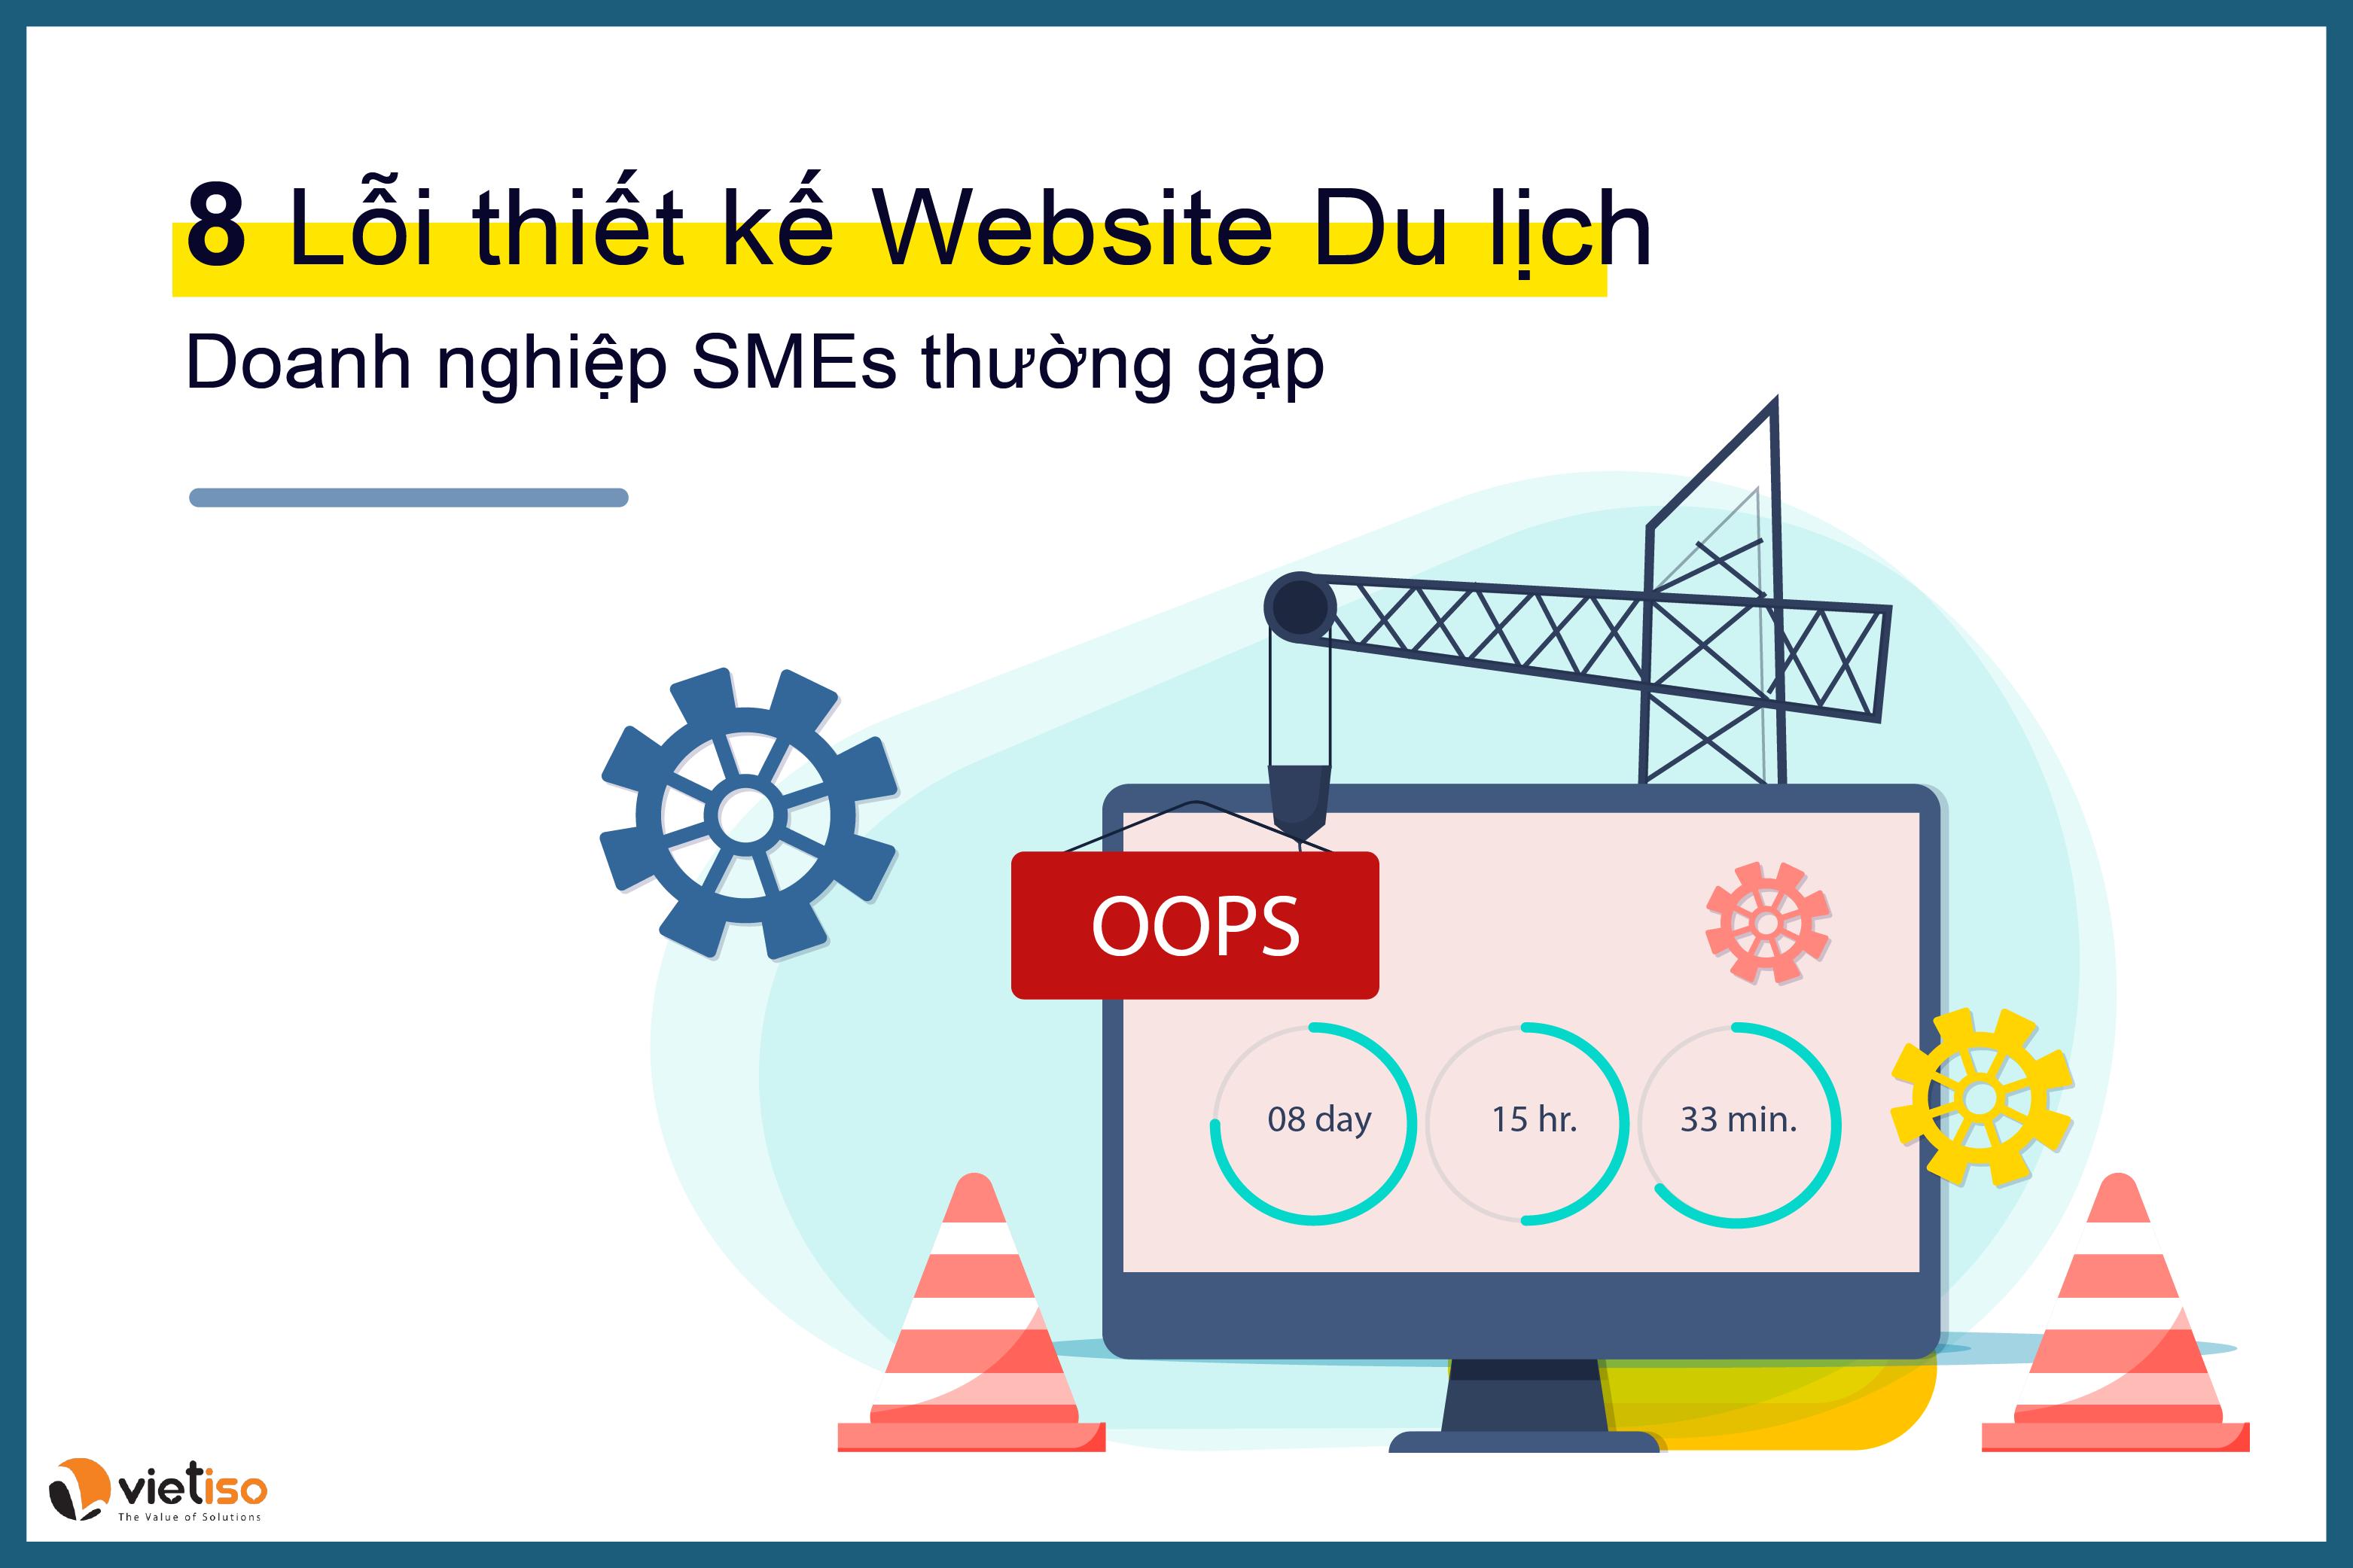 8 lỗi Thiết kế Website du lịch các Doanh nghiệp SMEs thường gặp